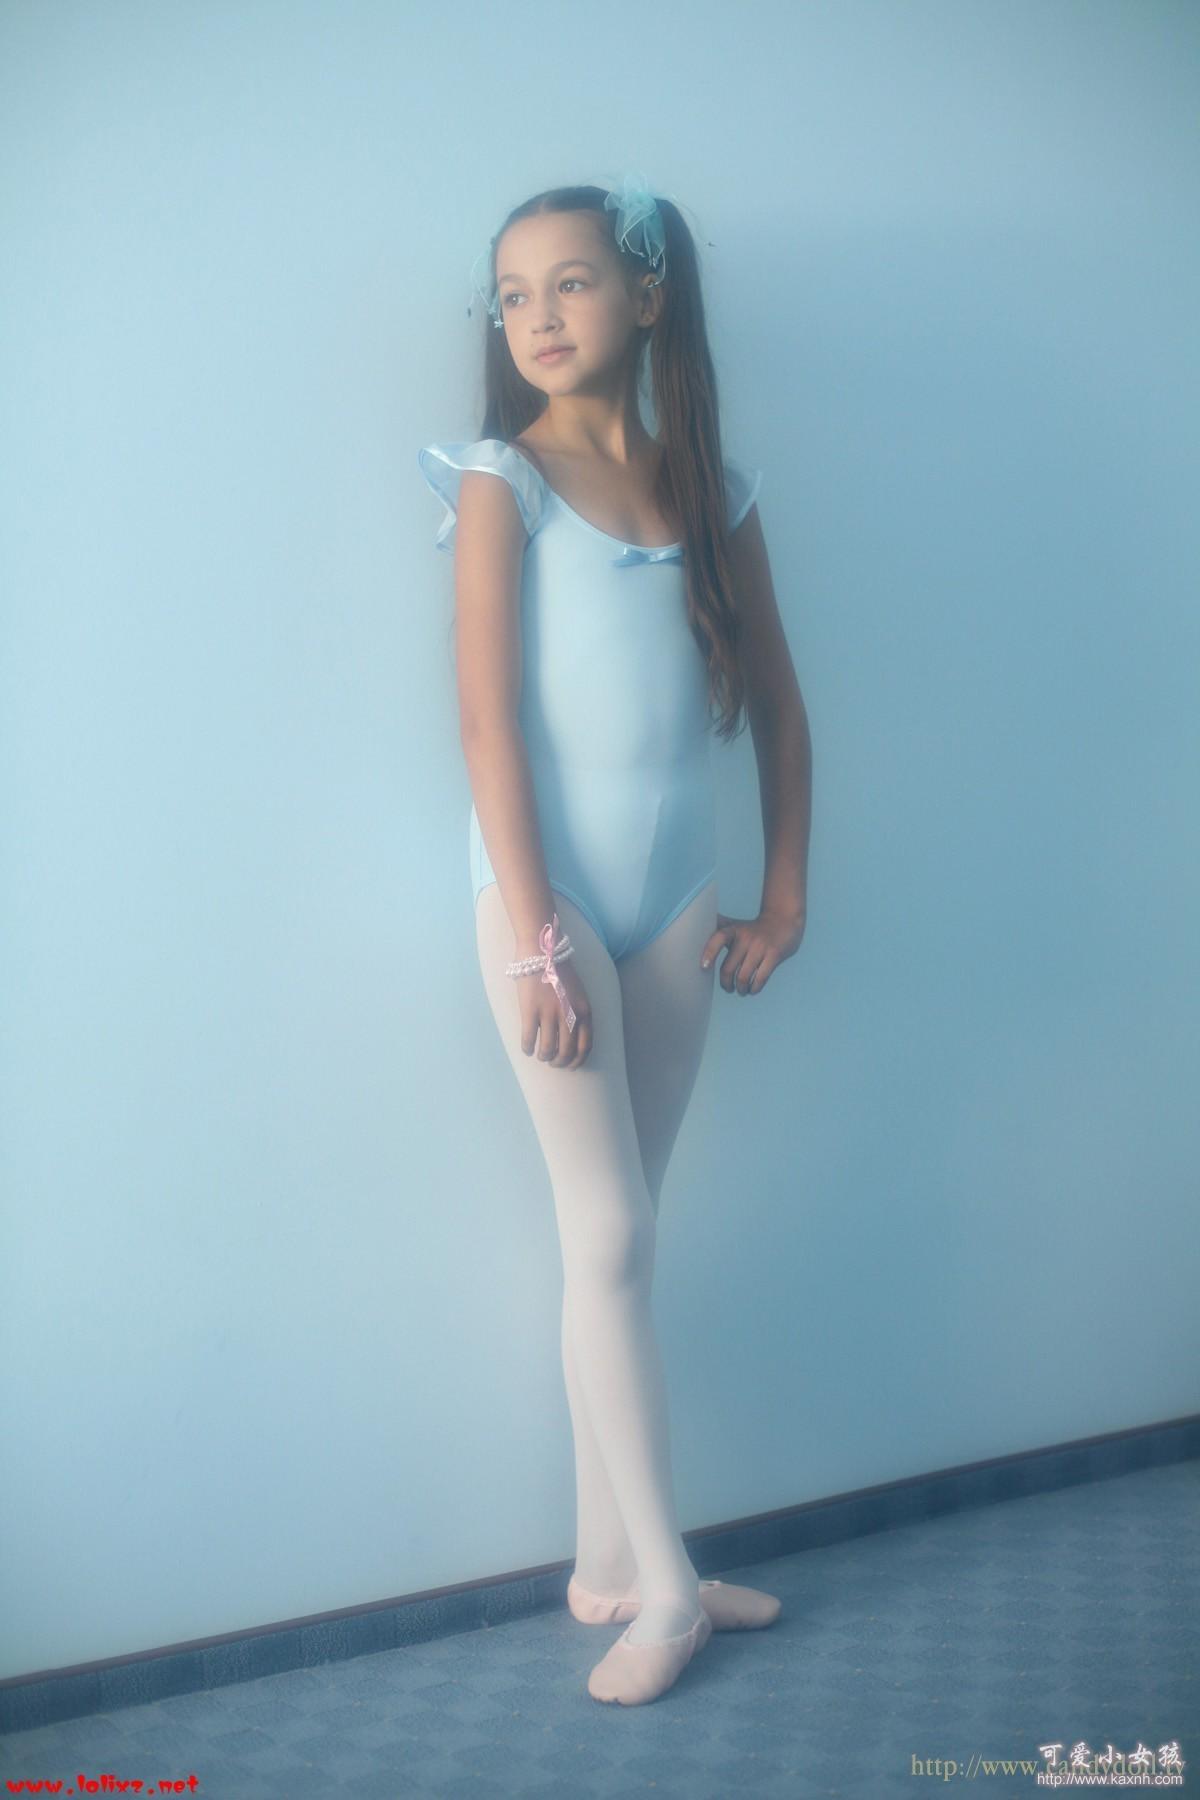 欧美小女孩白袜_小女孩白袜高潮_舔小女孩白袜-行业 ...